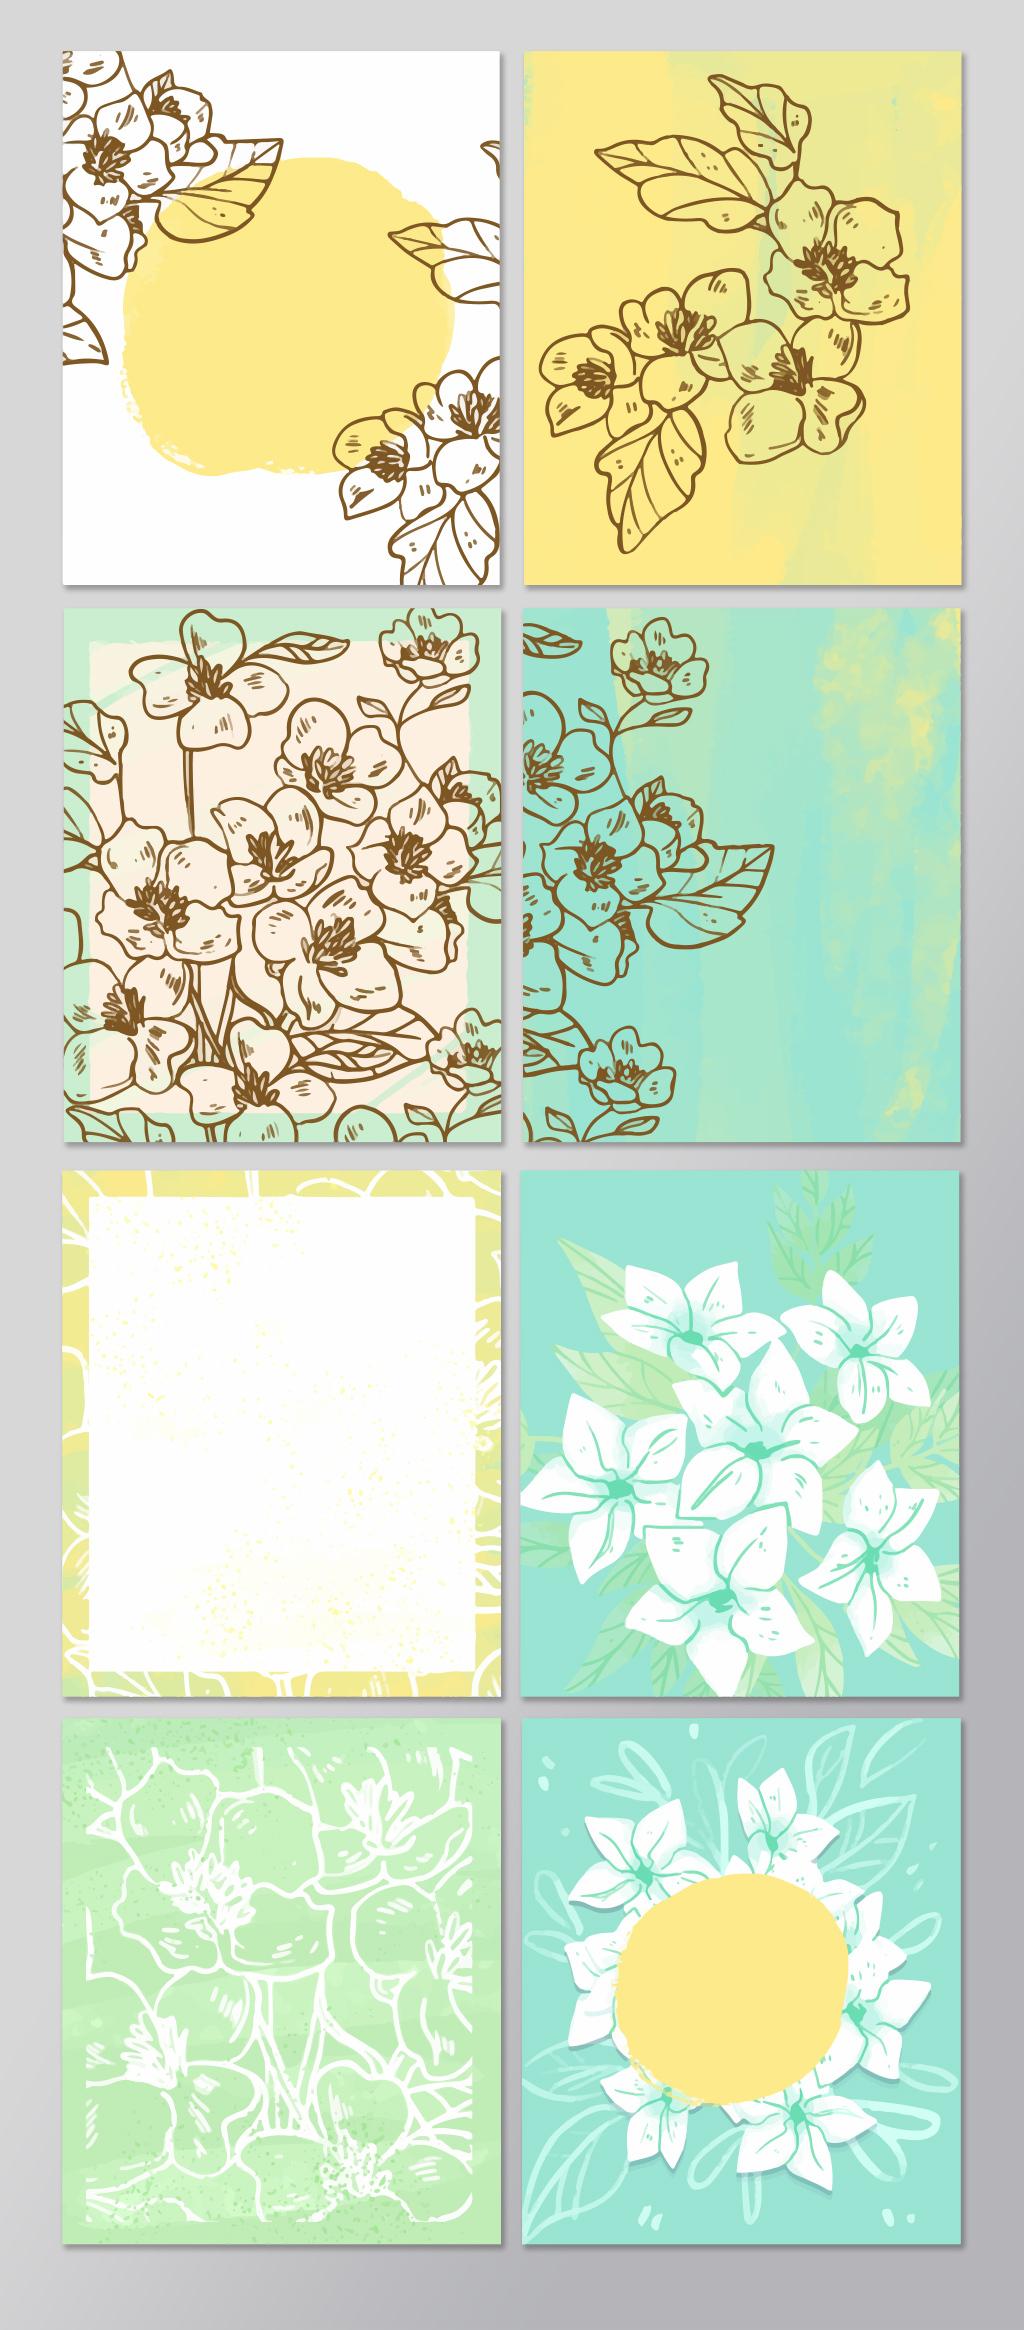 手绘线条矢量背景素材图片设计_高清ai模板下载(3.4)